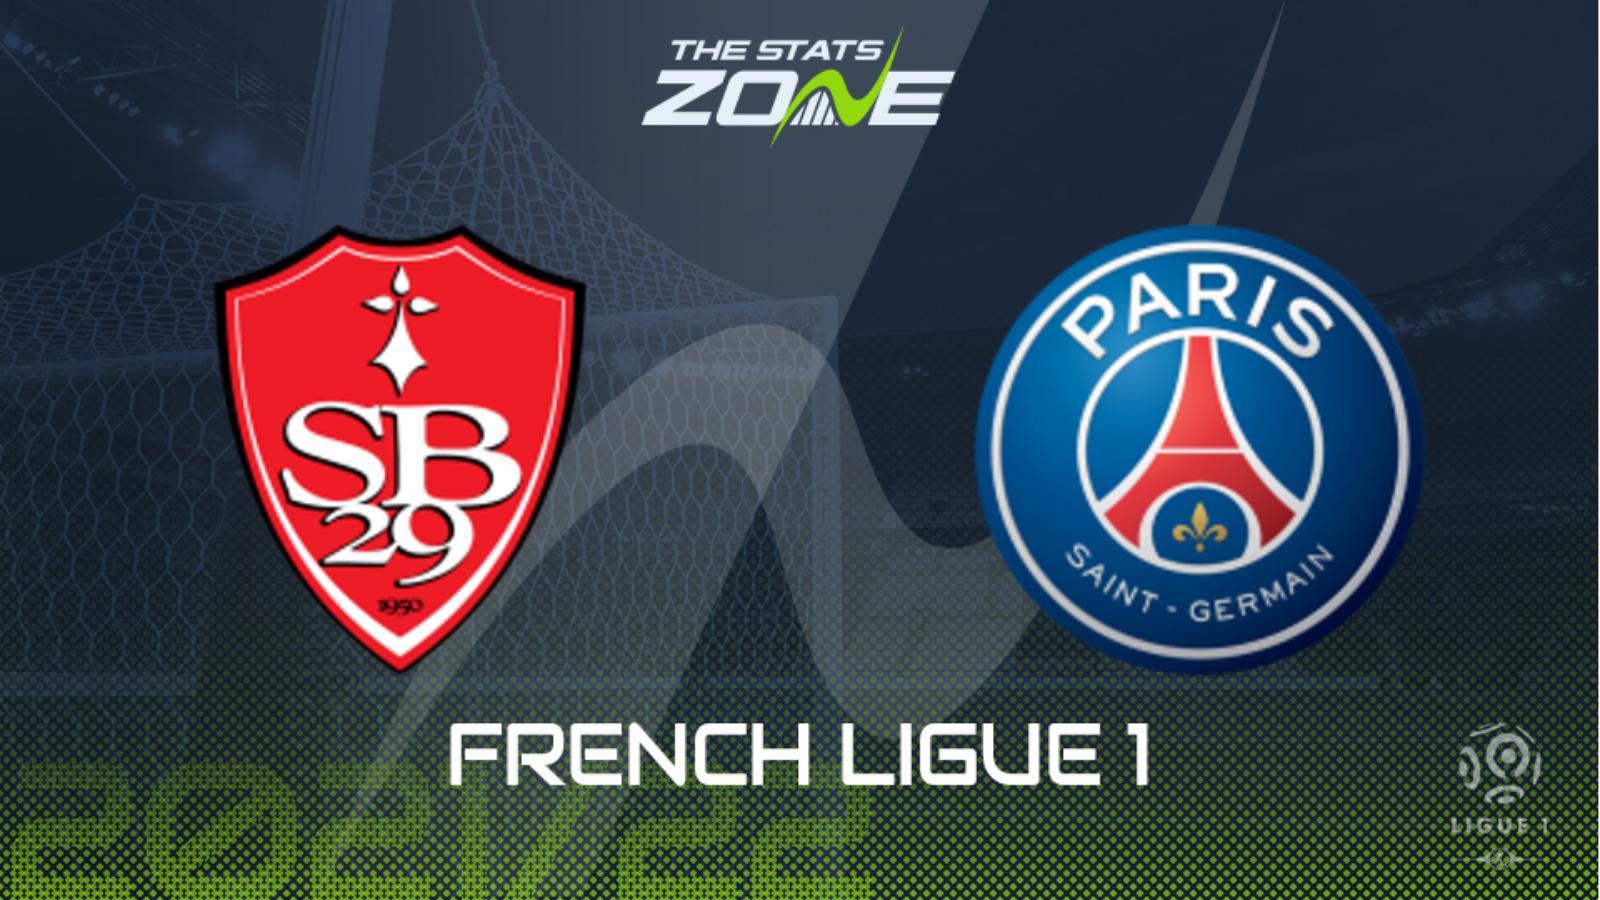 Brest vs PSG Preview & Prediction - The Stats Zone